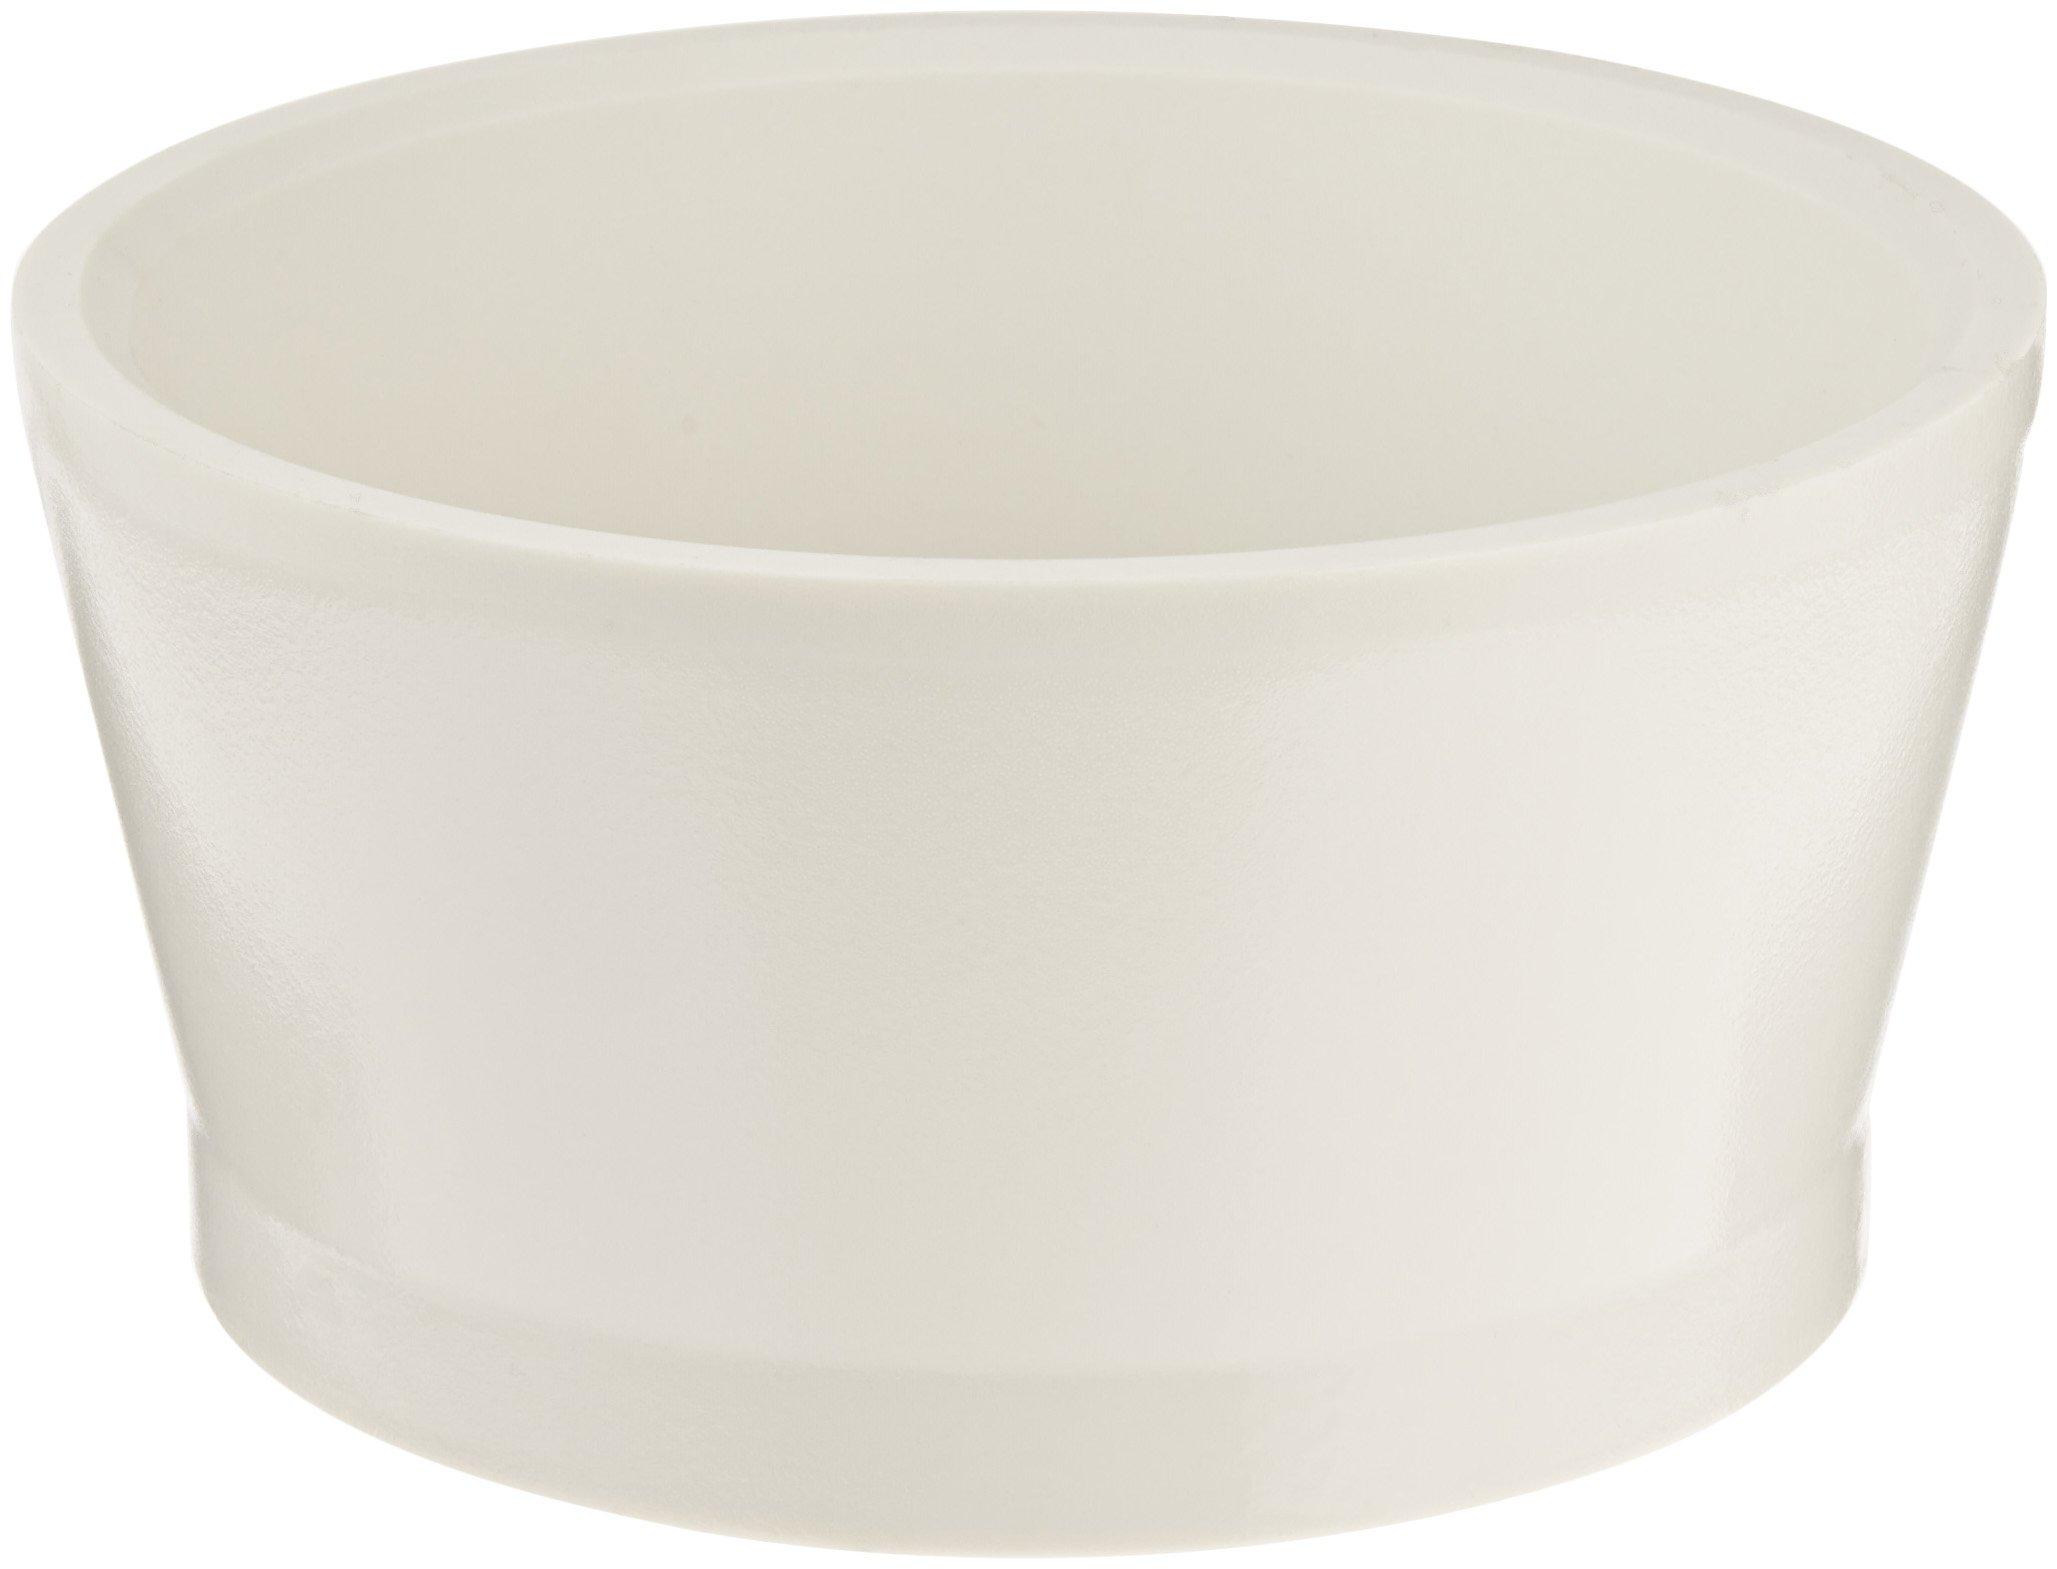 Retsch 02.460.0016 Hard Porcelain Mortar for RM 200 Mortar Grinder